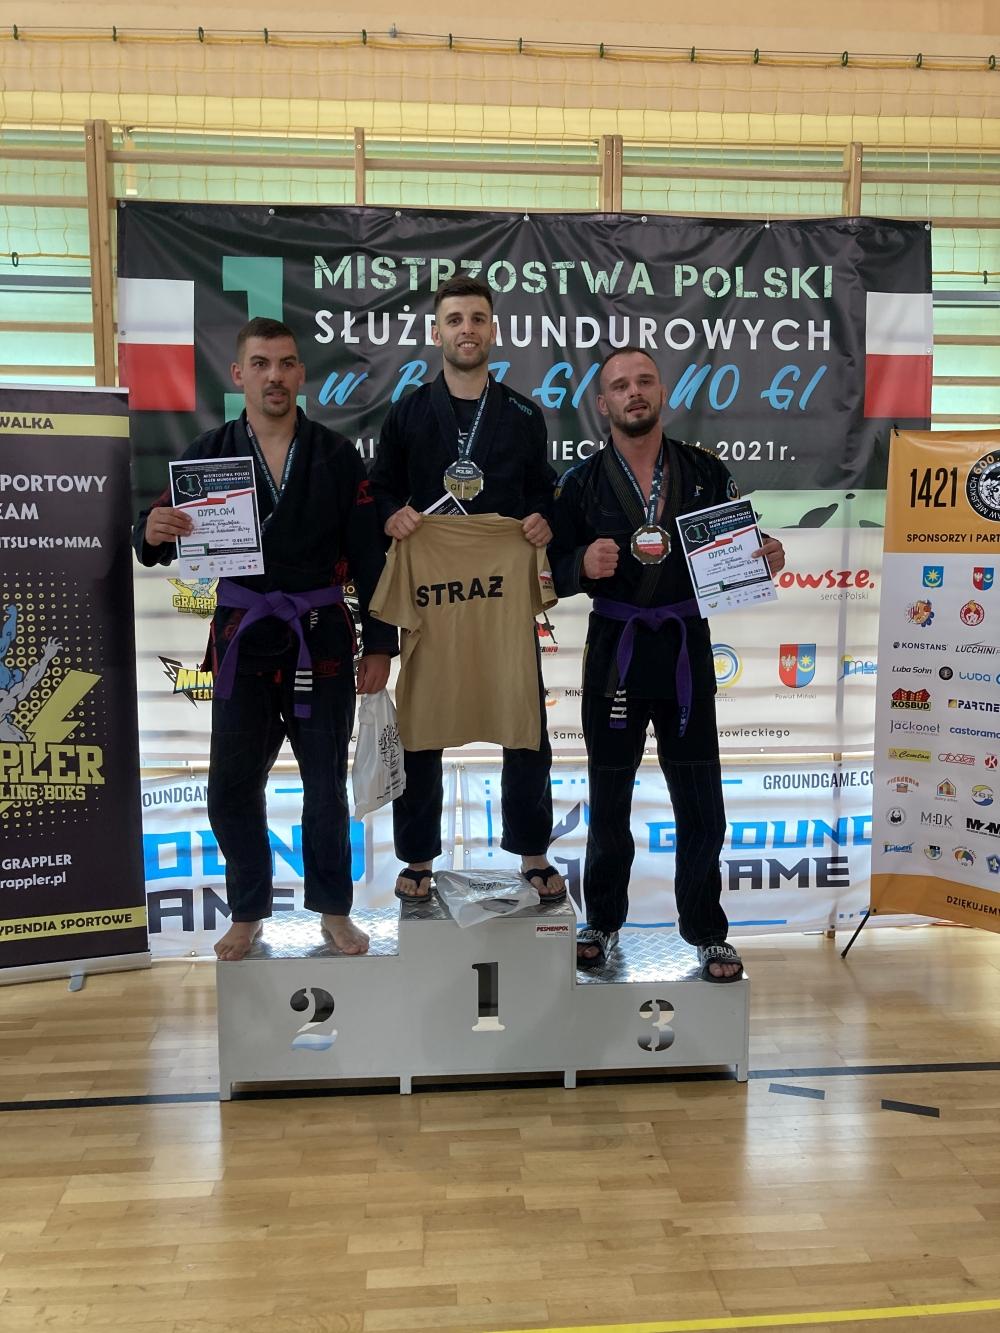 swatko2 Strażak z Zamościa podwójnym mistrzem Polski!